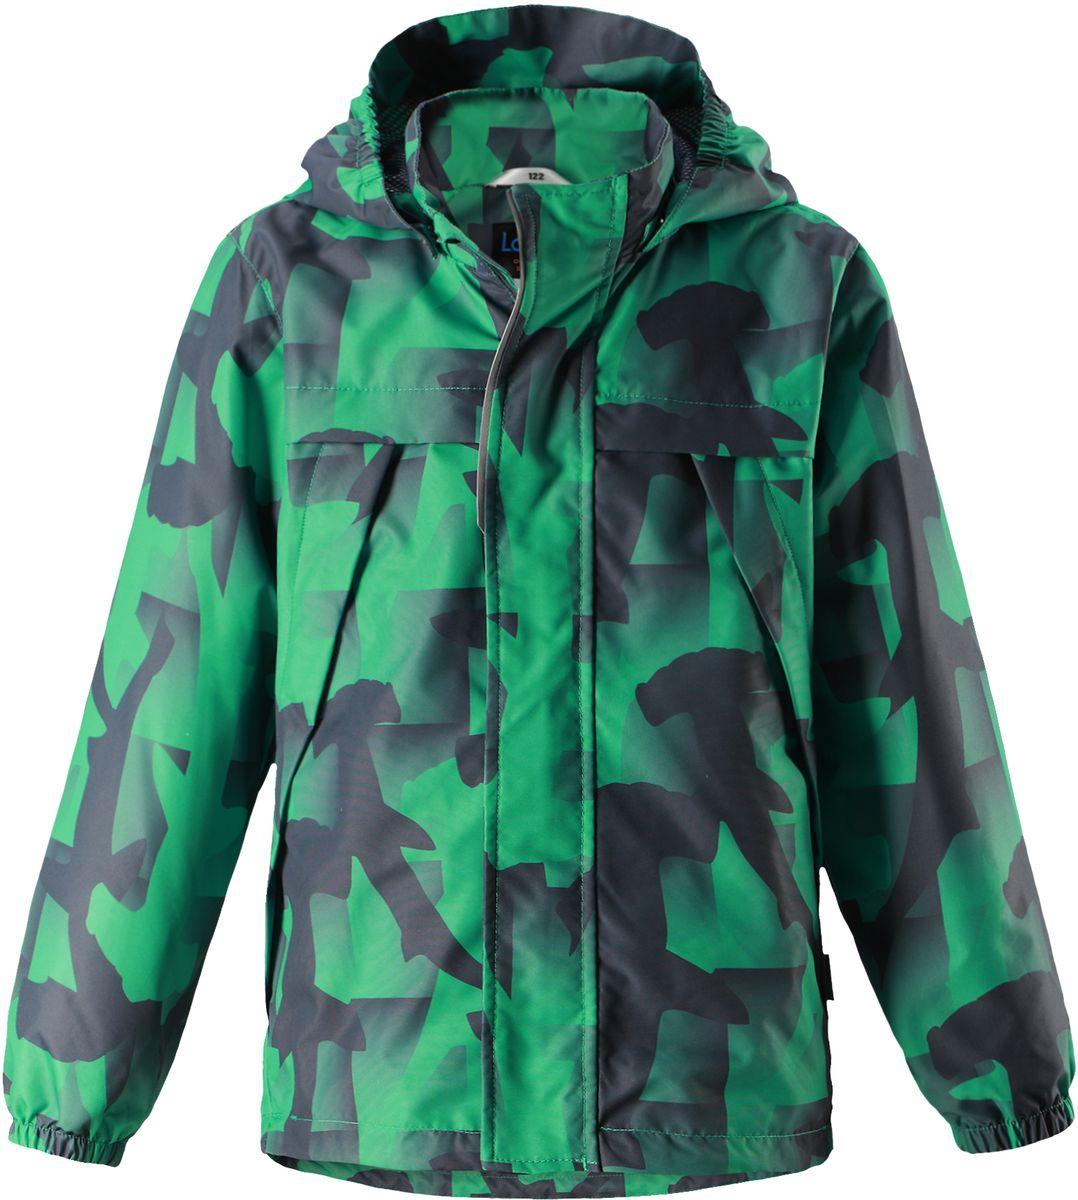 Куртка для мальчика Lassie, цвет: зеленый. 721707R8811. Размер 98721707R8811Легкая и удобная куртка для мальчиков на весенне-осенний период. Она изготовлена из водоотталкивающего и ветронепроницаемого, но при этом дышащего материала. Куртка снабжена дышащей и приятной на ощупь подкладкой на легком утеплителе, которая облегчает одевание. Съемный капюшон обеспечивает защиту от холодного ветра, а также безопасен во время игр на свежем воздухе! Благодаря регулируемому подолу эта модель свободного покроя отлично сидит по фигуре. Снабжена множеством продуманных элементов, например, передними карманами и эластичными манжетами.